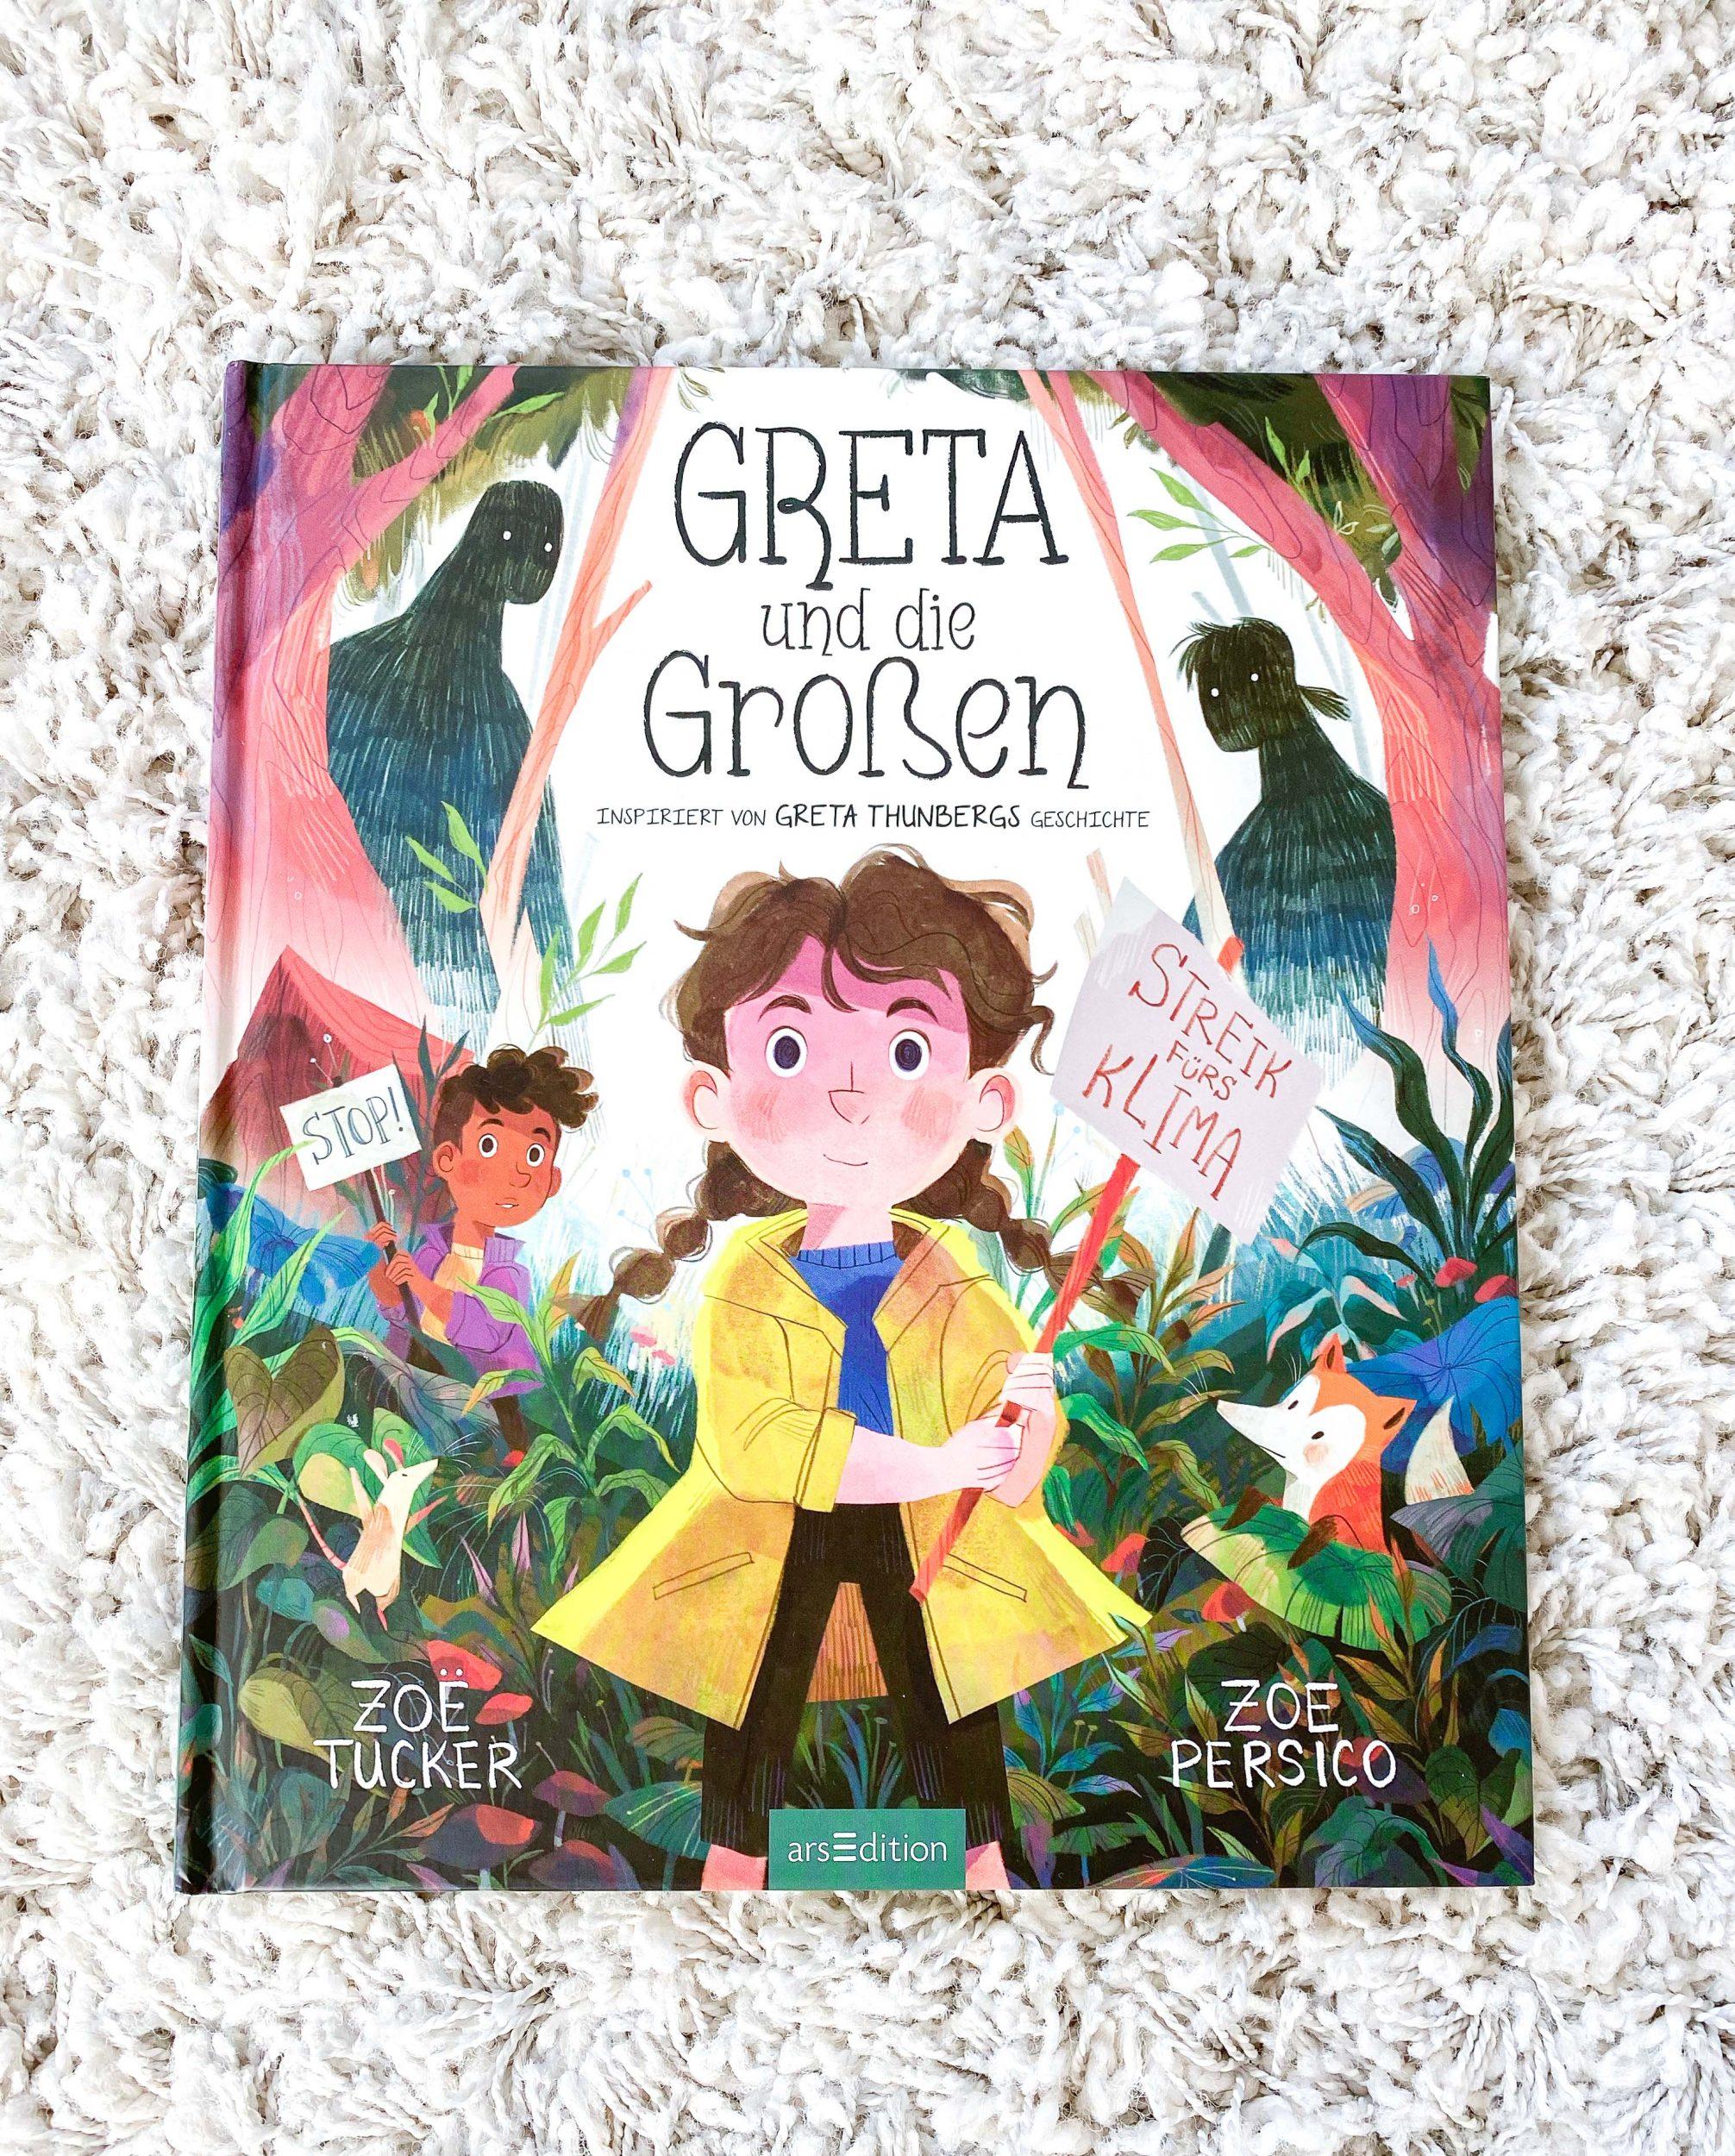 Greta und die Großen von Zoë Tucker